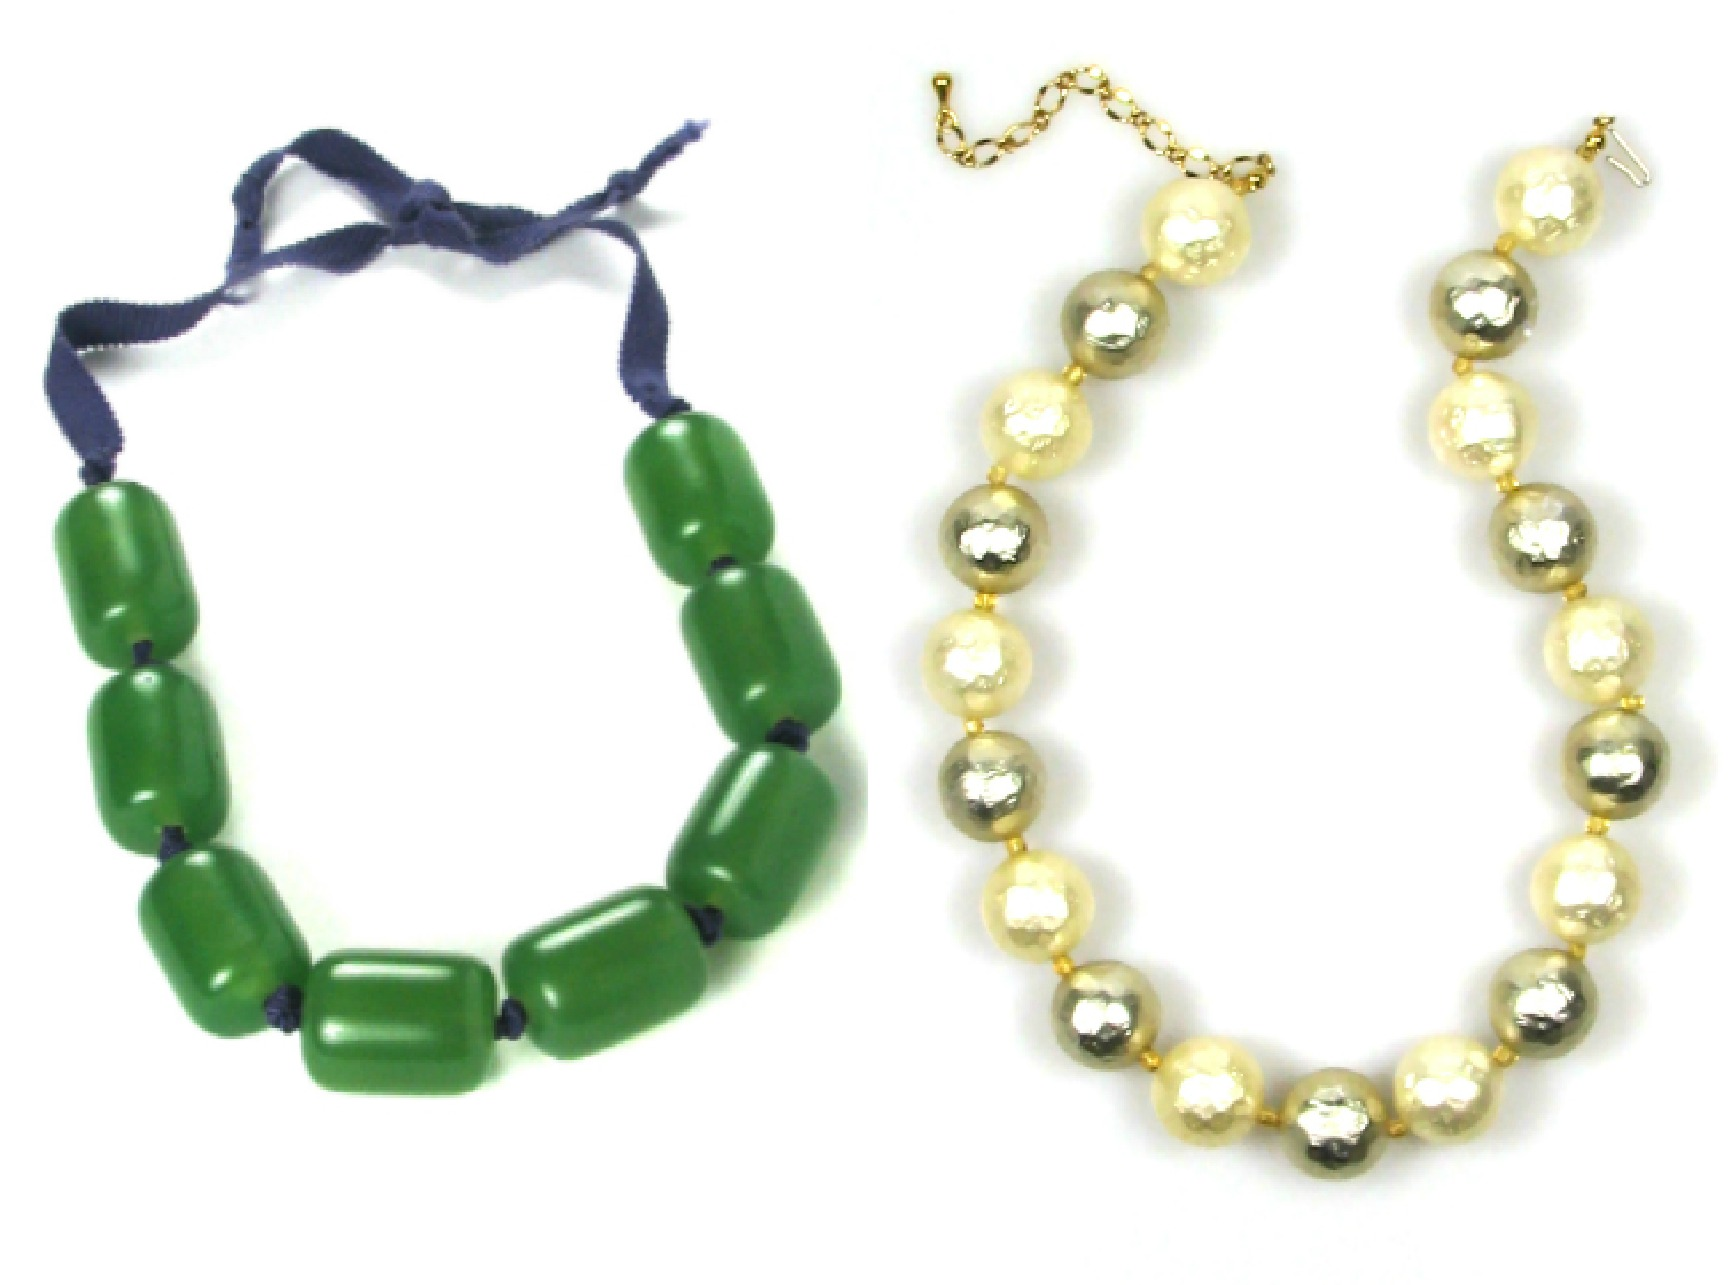 VintageNecklaces